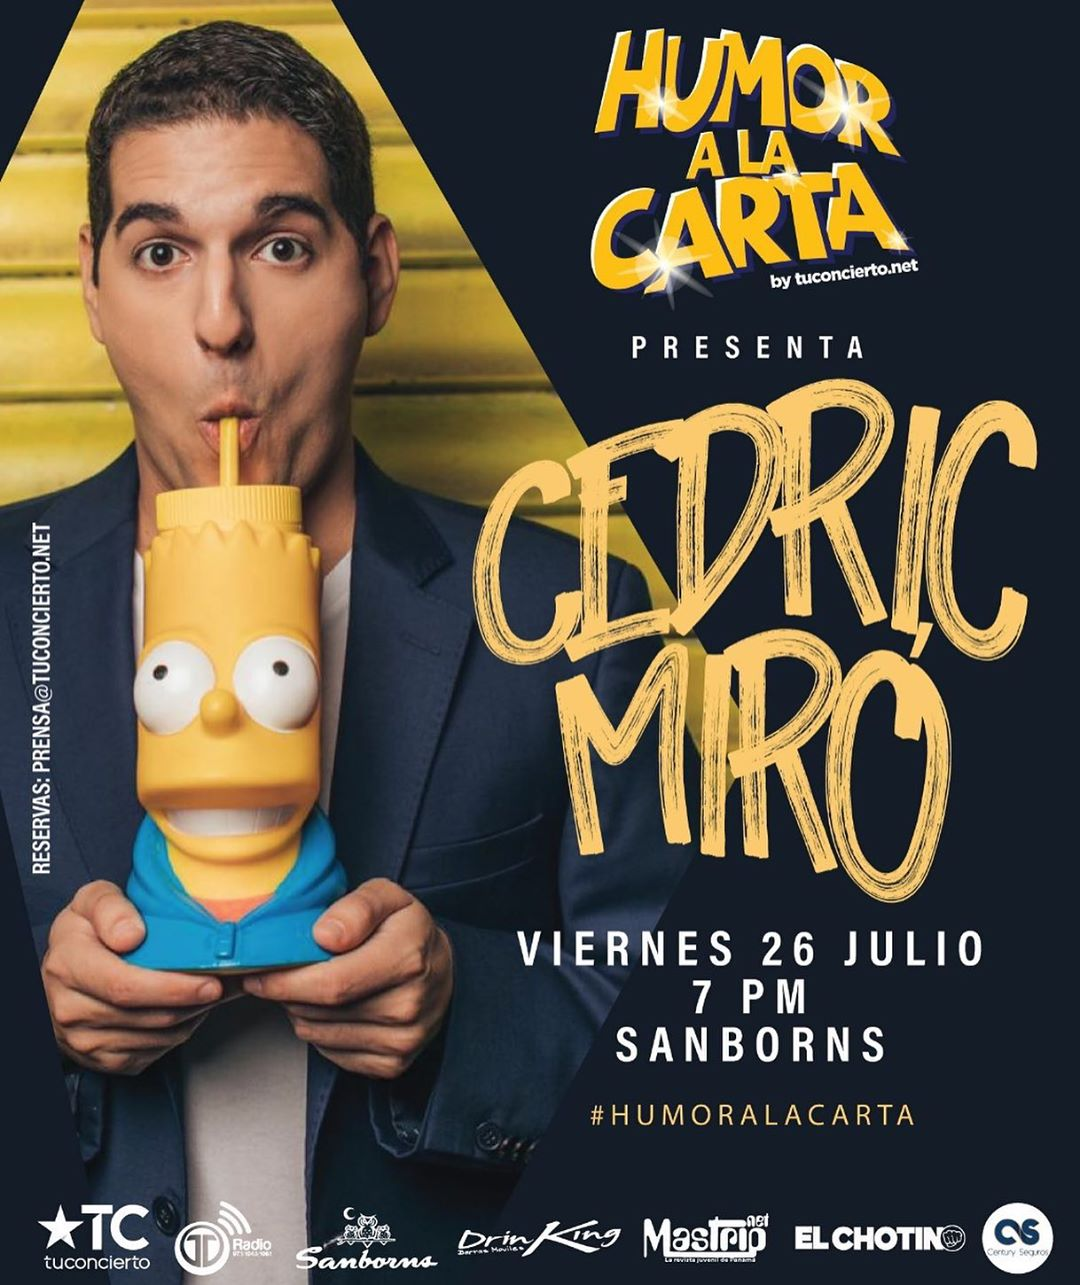 Photo of Este 2019 'Cedric Miró' regresa a Humor a la Carta by @tuconcierto